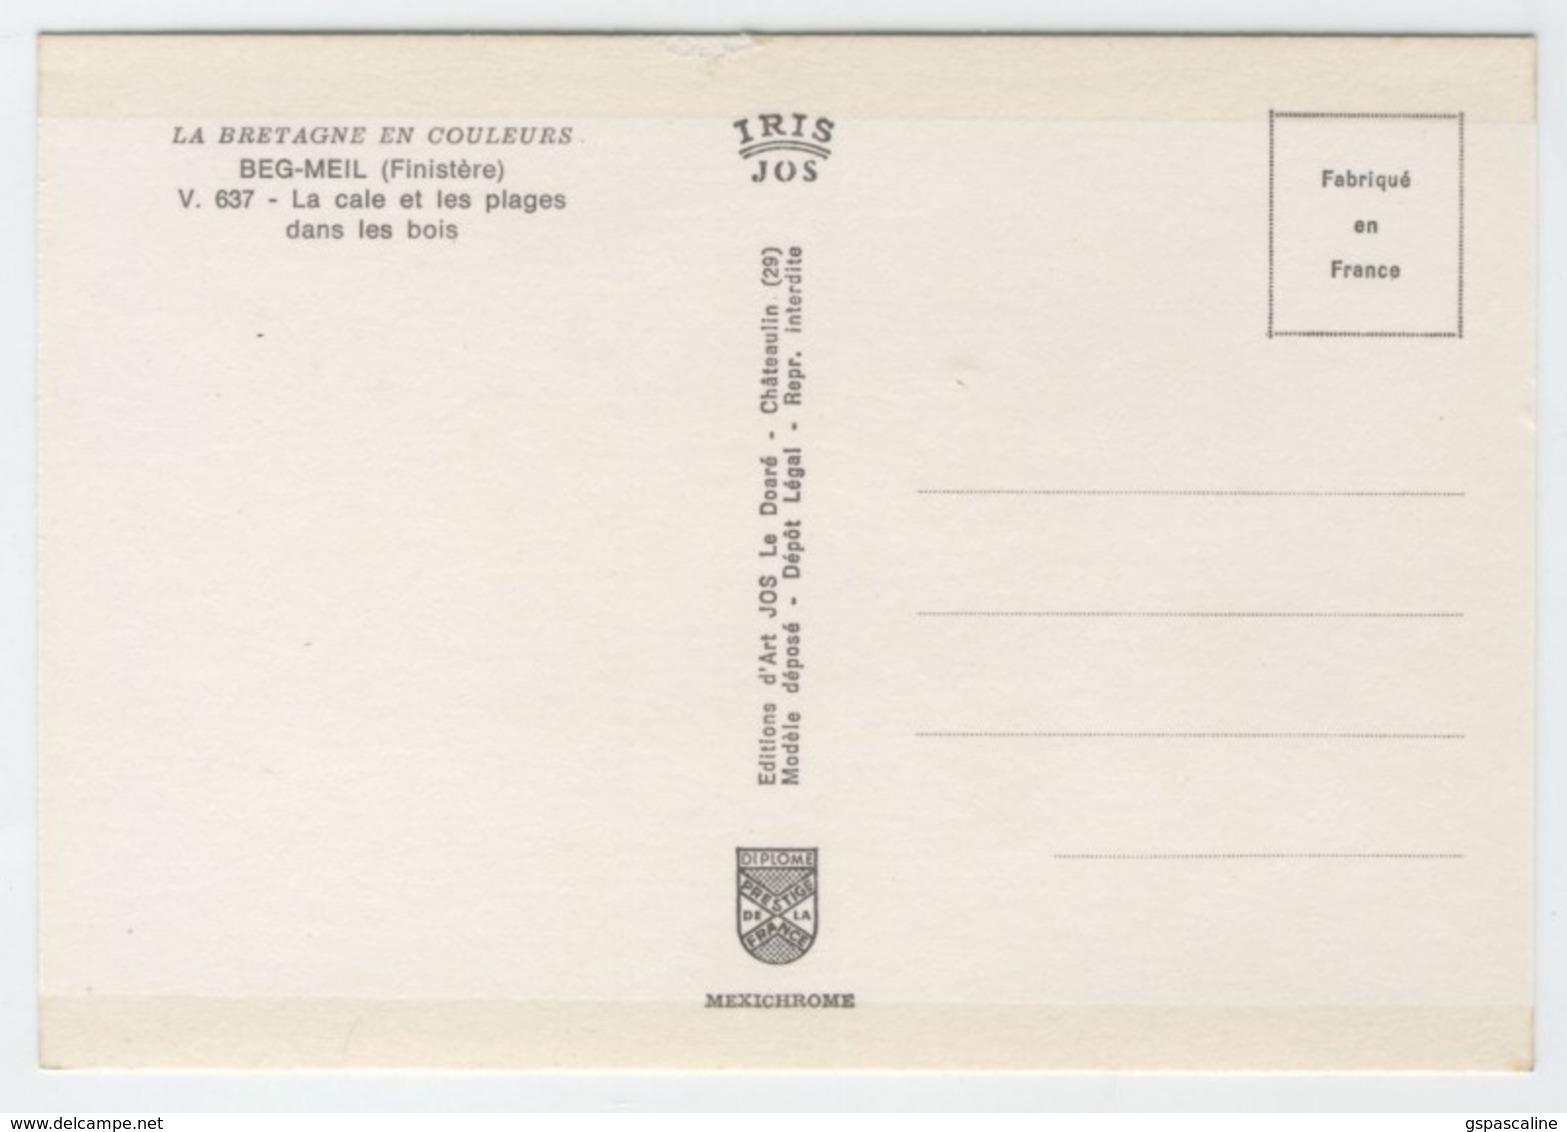 29 BEG MEIL - V.637 - Edts Jos - La Cale & Les Plages Dans Les Bois. - Beg Meil